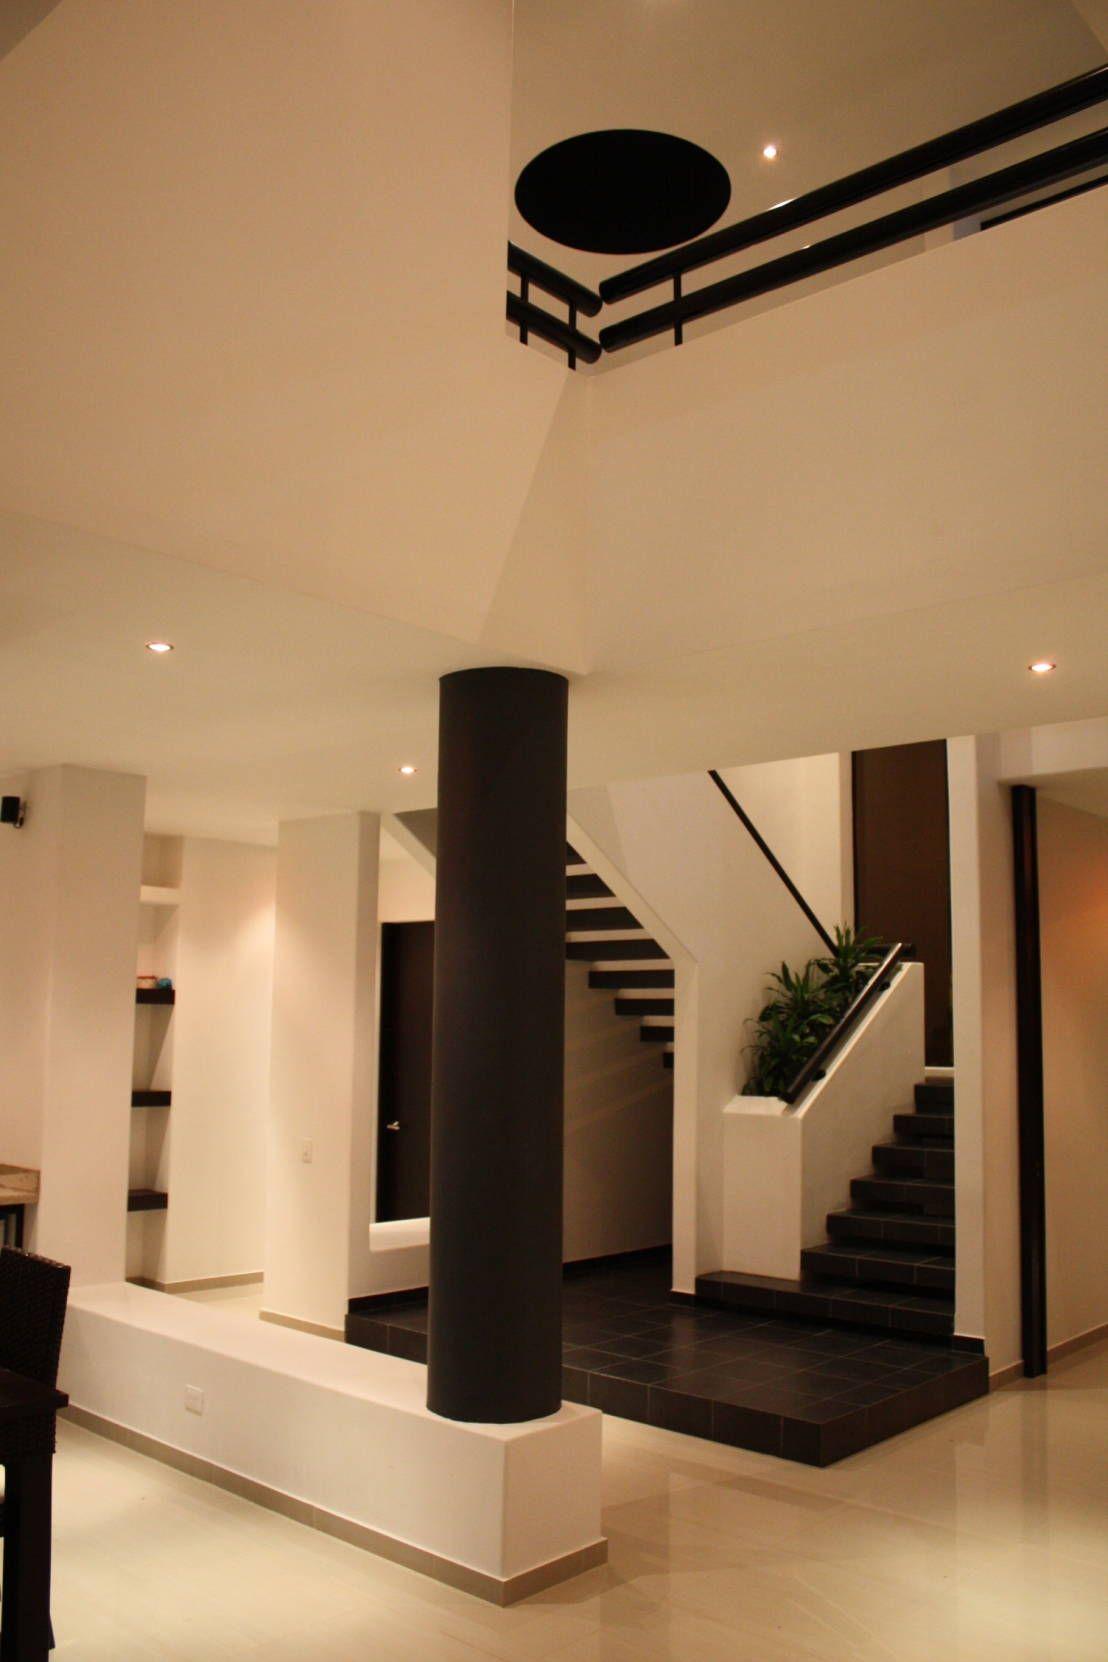 ¡Una casa que lo tiene todo! | Casas modernas interiores ... on Interiores De Casas Modernas  id=30853